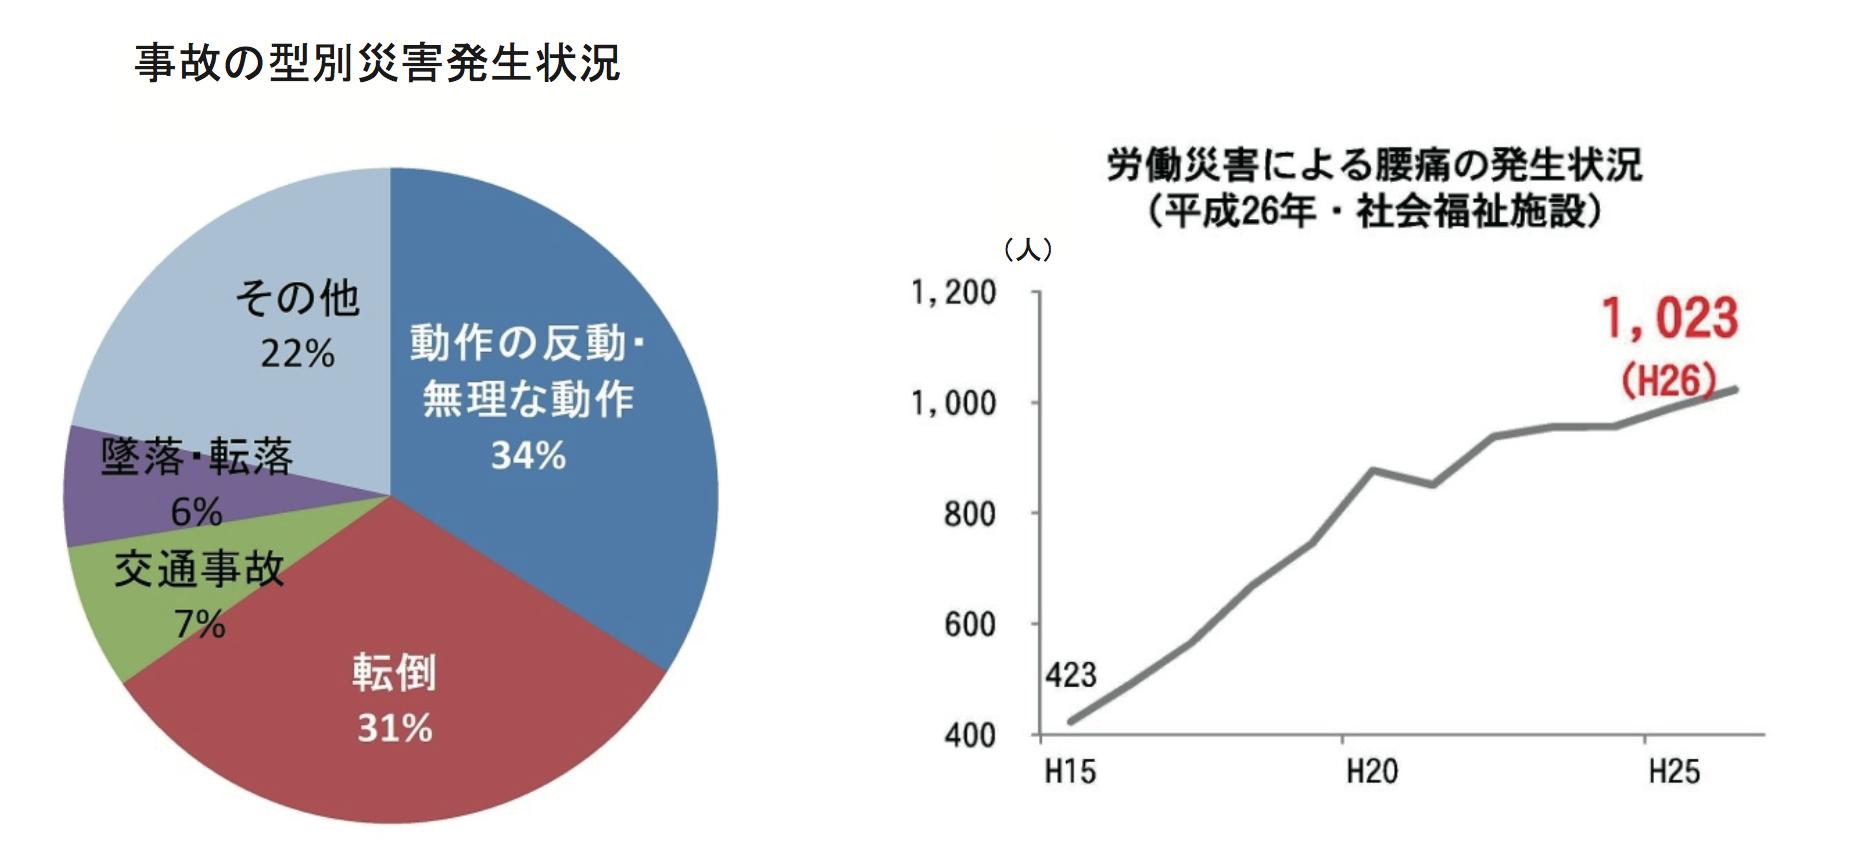 労働災害による腰痛の発生状況(H26・社会福祉施設)